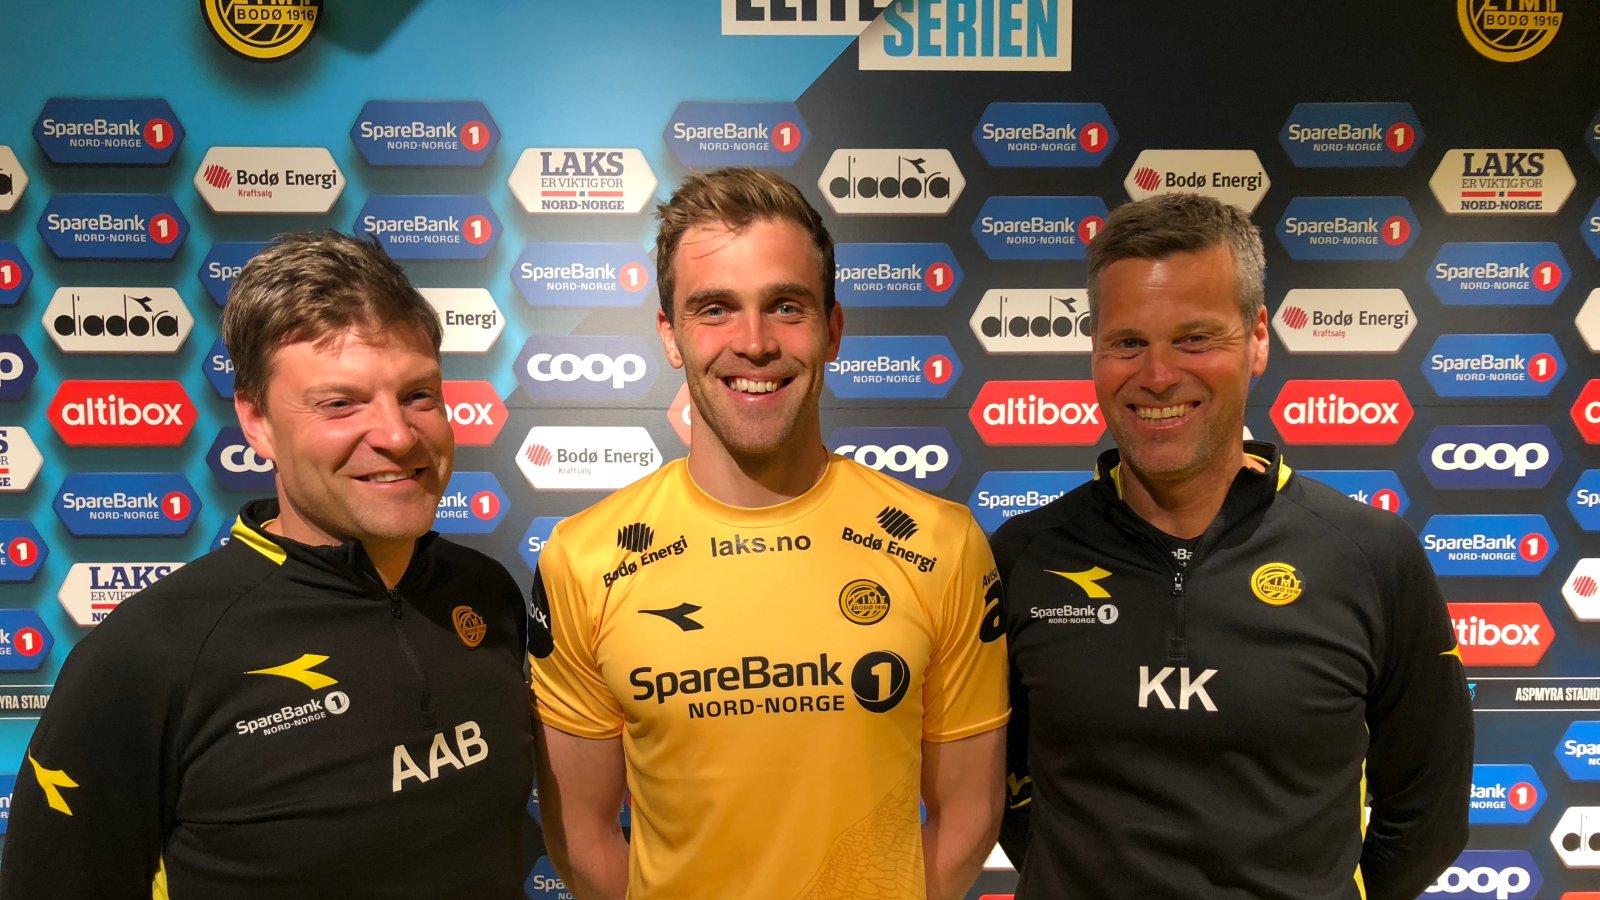 Aasmund Bjørkan, Brede Mathias Moe og Kjetil Knutsen etter signeringen.